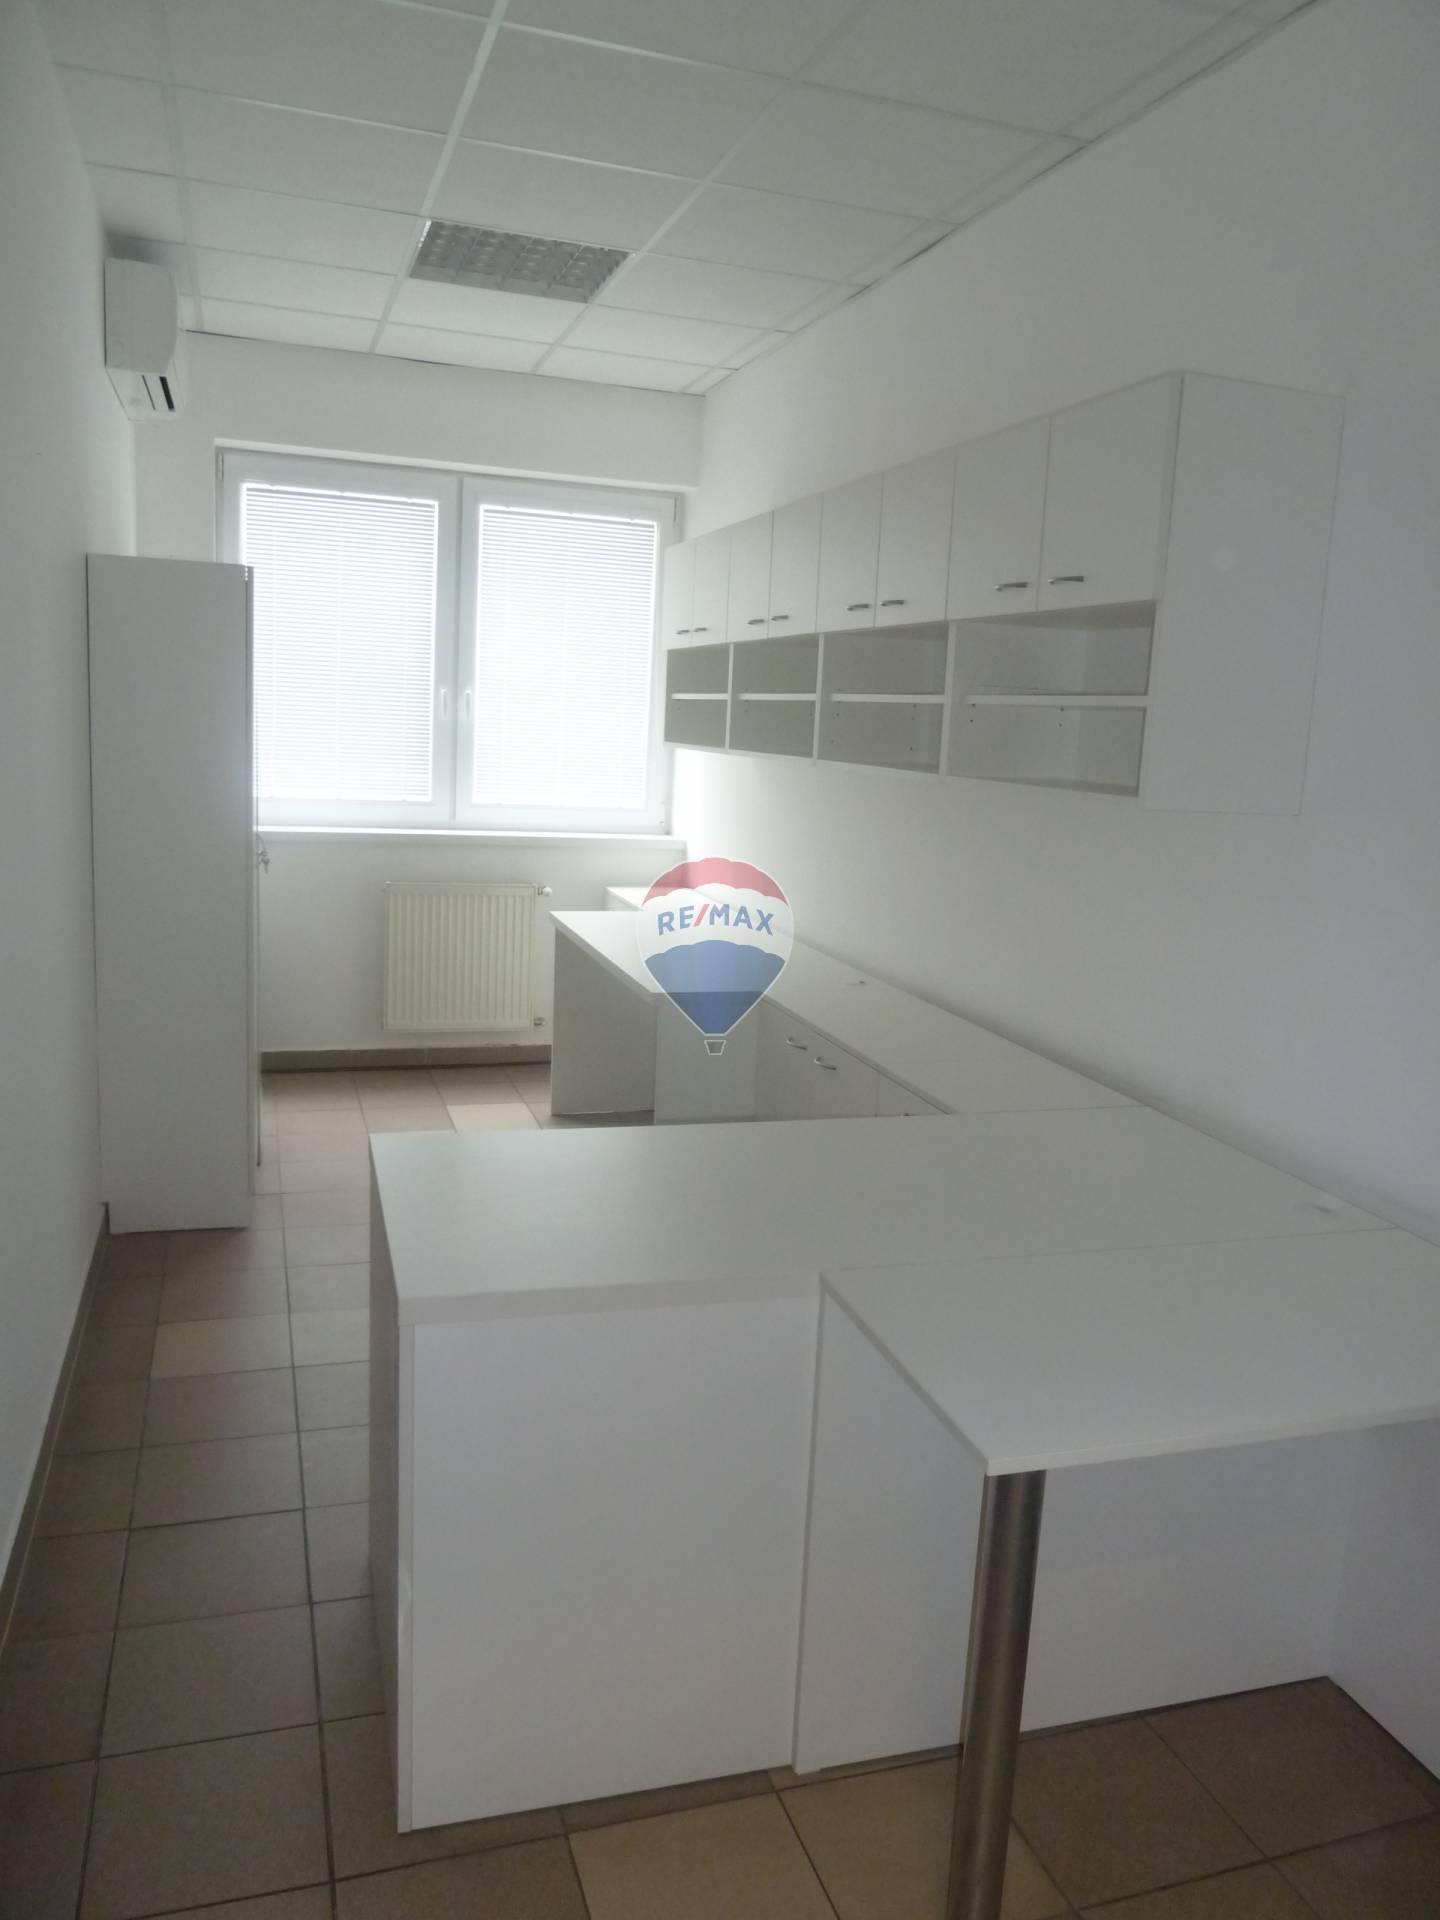 Prenájom komerčného priestoru 10 m2, Bánovce nad Bebravou - prenájom klimatizovaného kancelárskeho priestoru